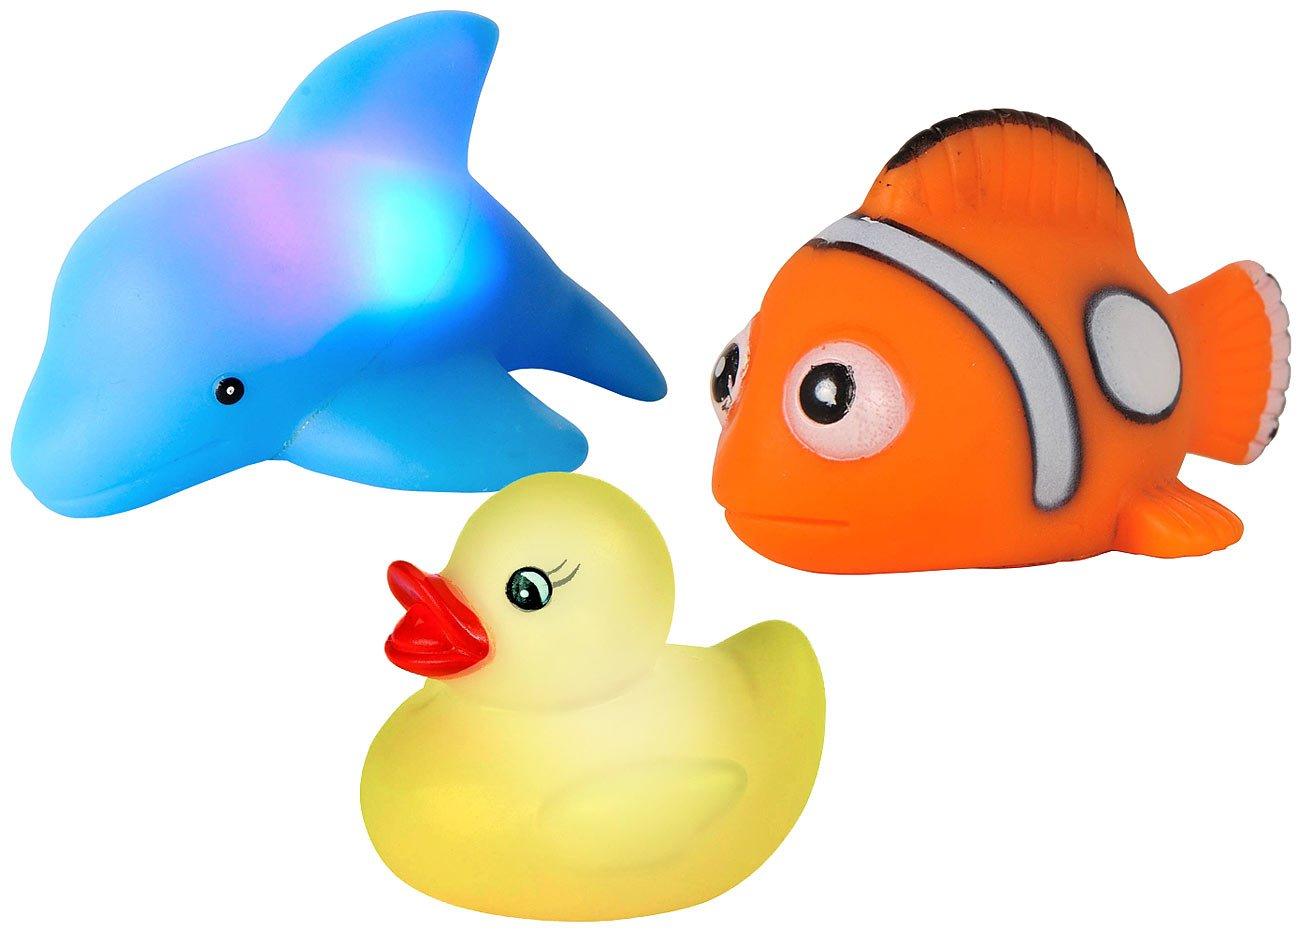 Playtastic Badewannentierchen: Blinkende Badewannen-Tierchen im 3er-Set (Wasserspielzeug)